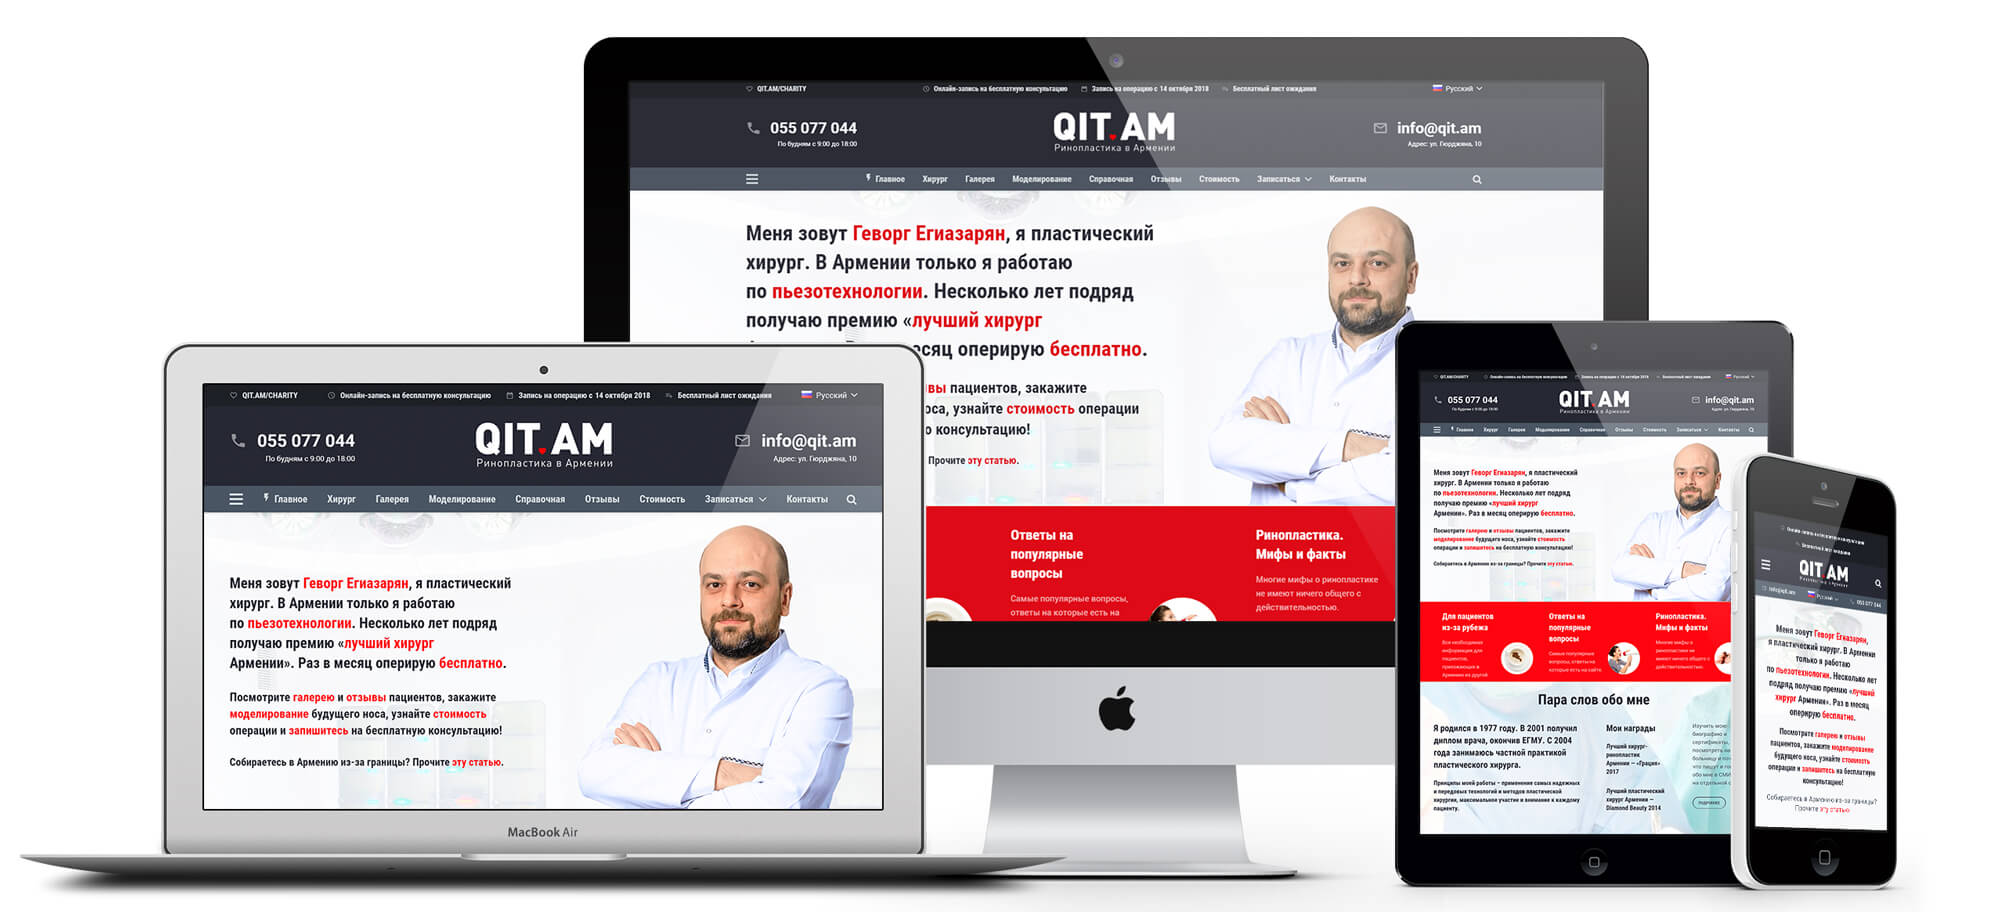 Новые логотип и сайт QIT.AM